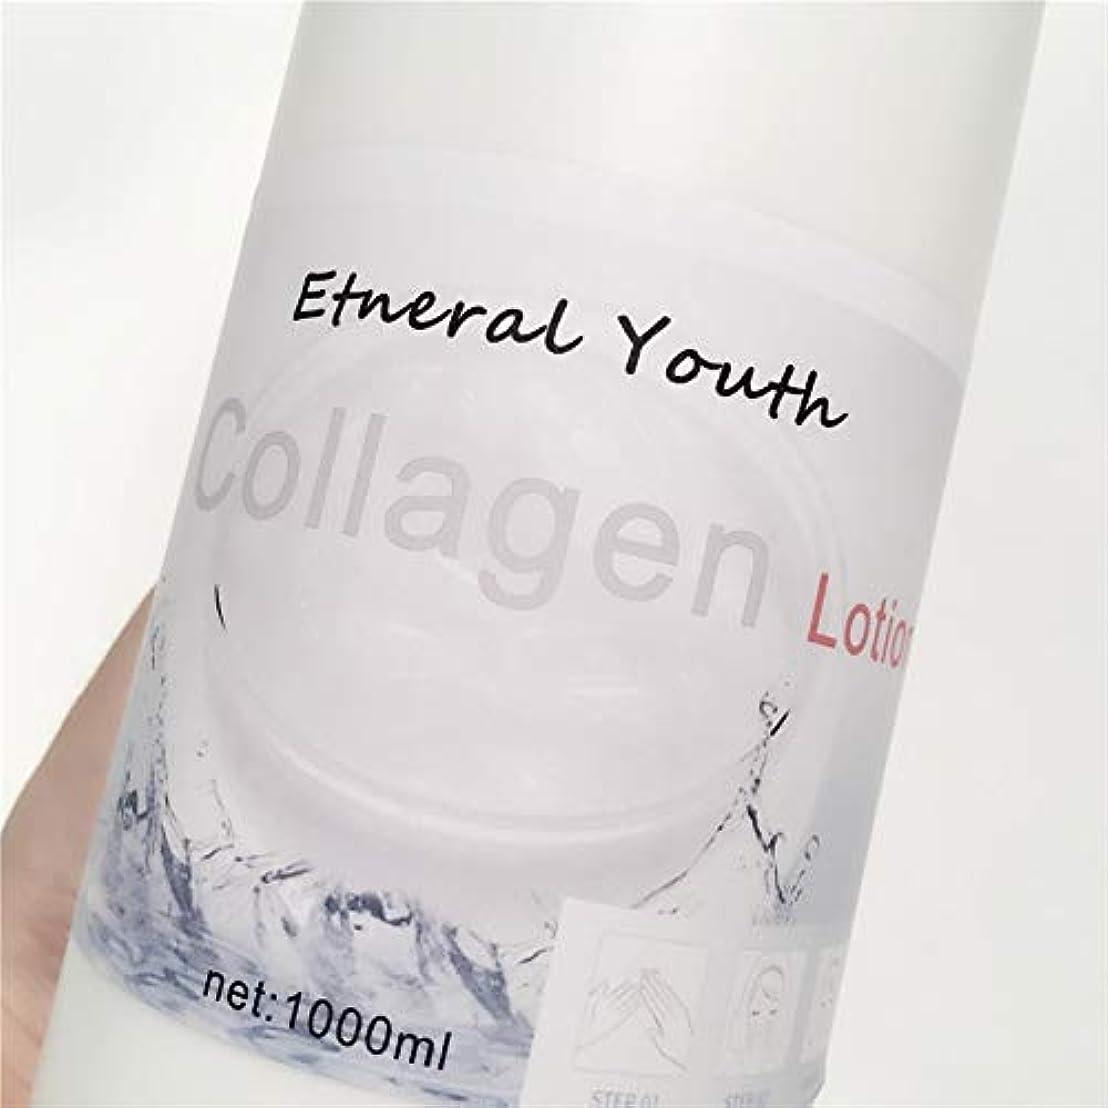 勃起耐えられない伝統的魚のコラーゲン抗酸化エマルジョンローションアンチリンクルローションエイジレスモイス千ミリリットル